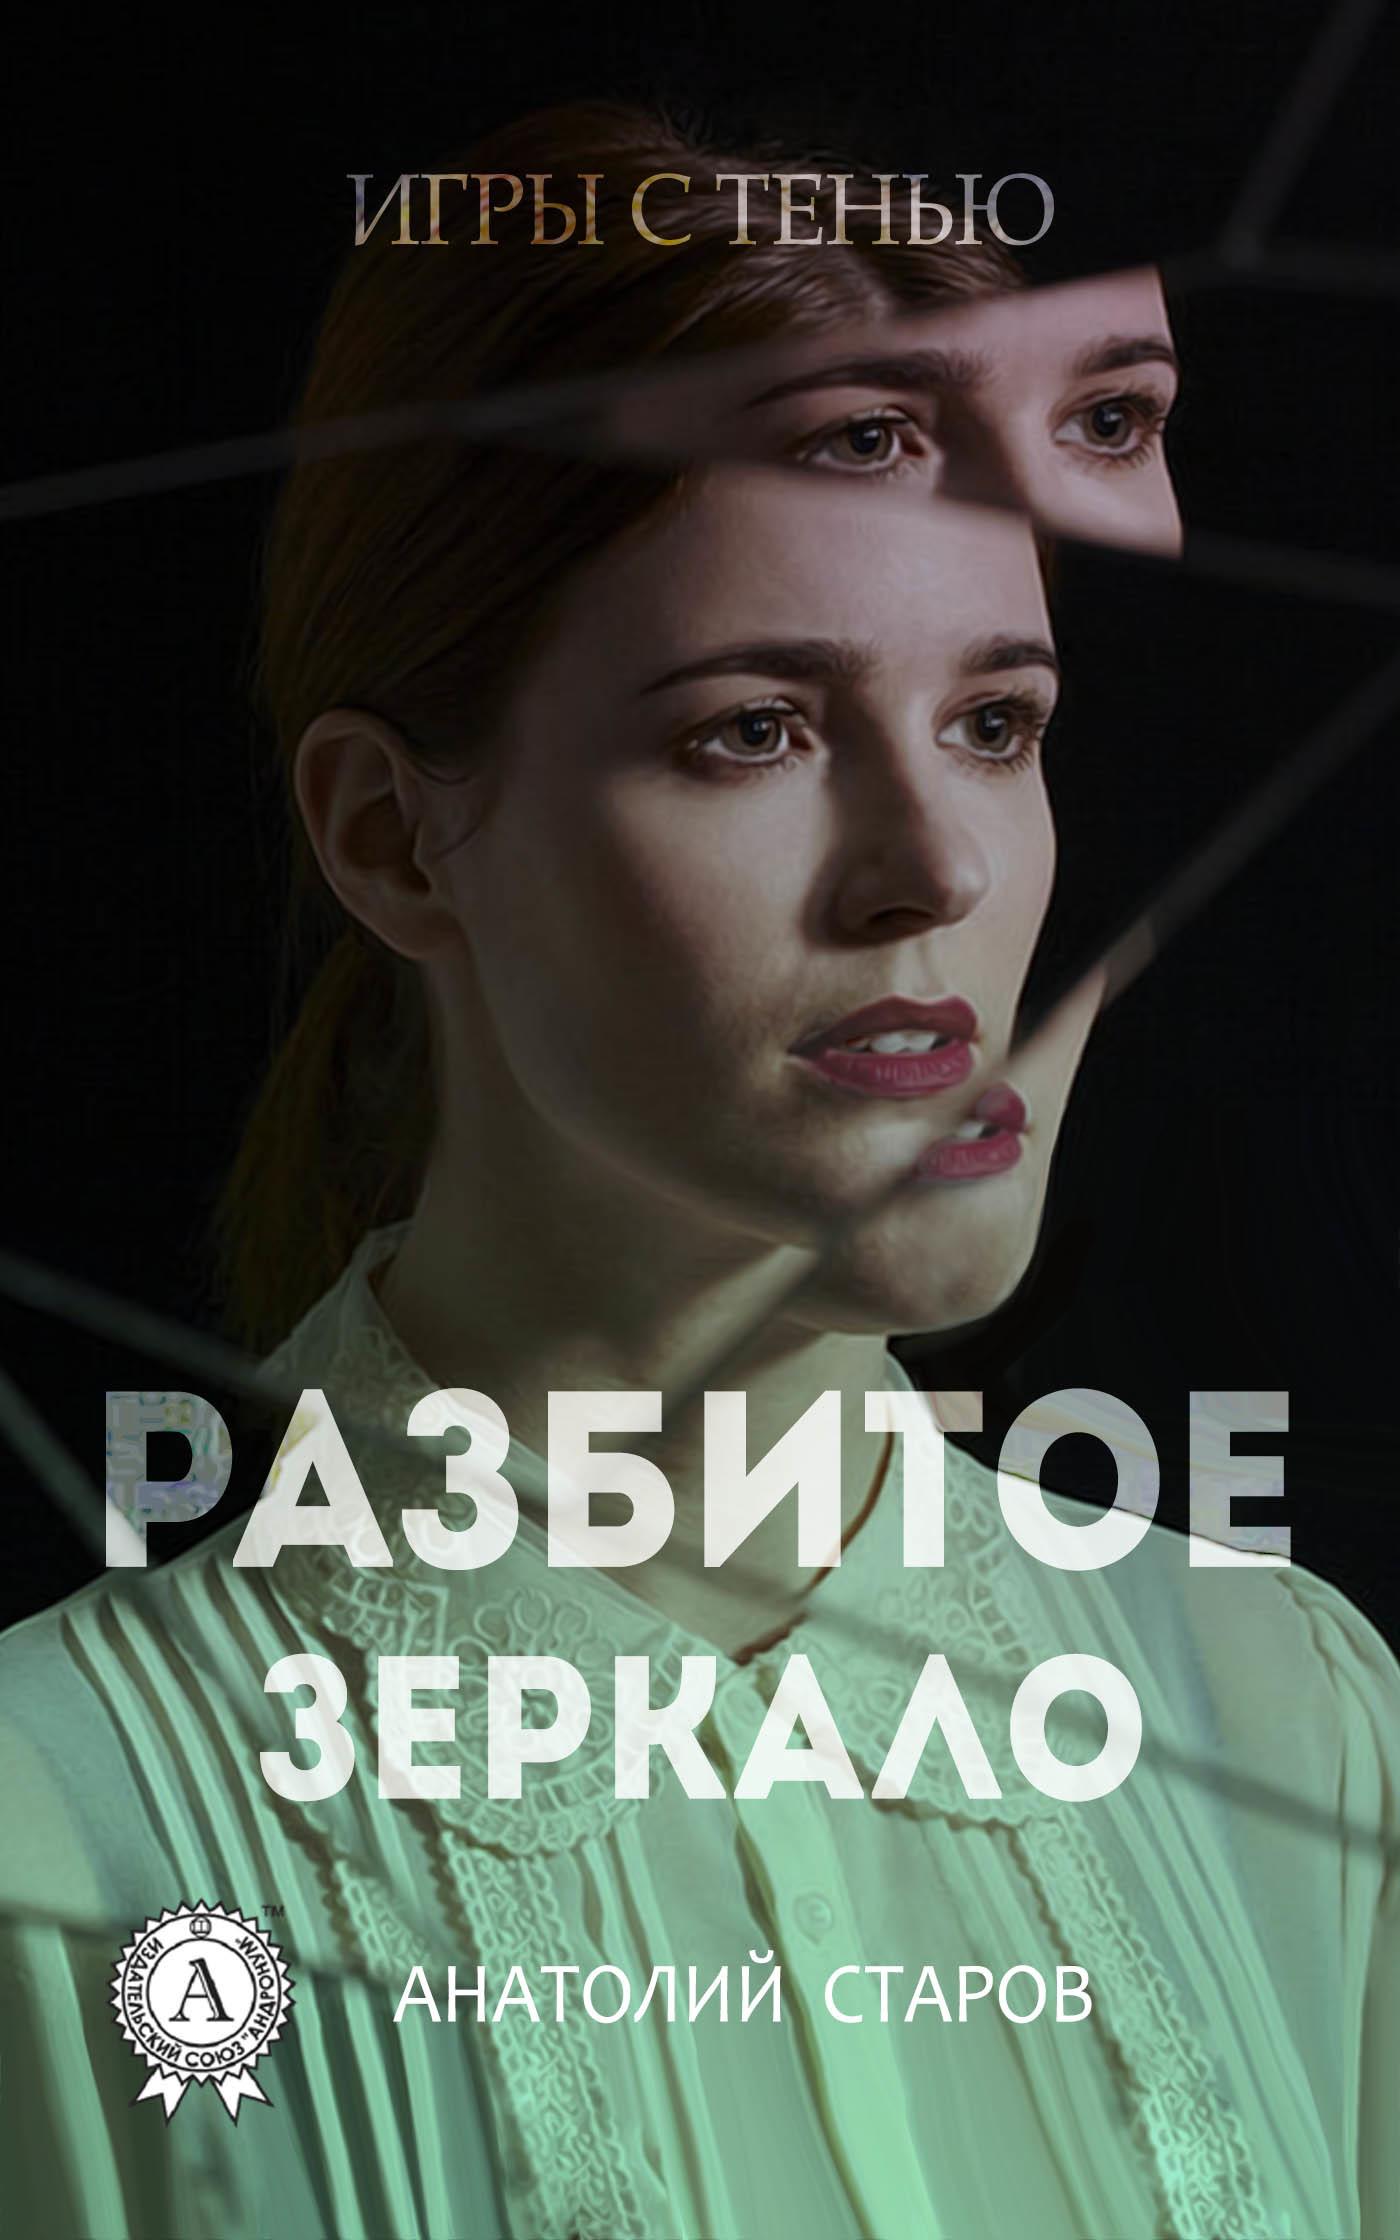 Анатолий Старов - Разбитое зеркало